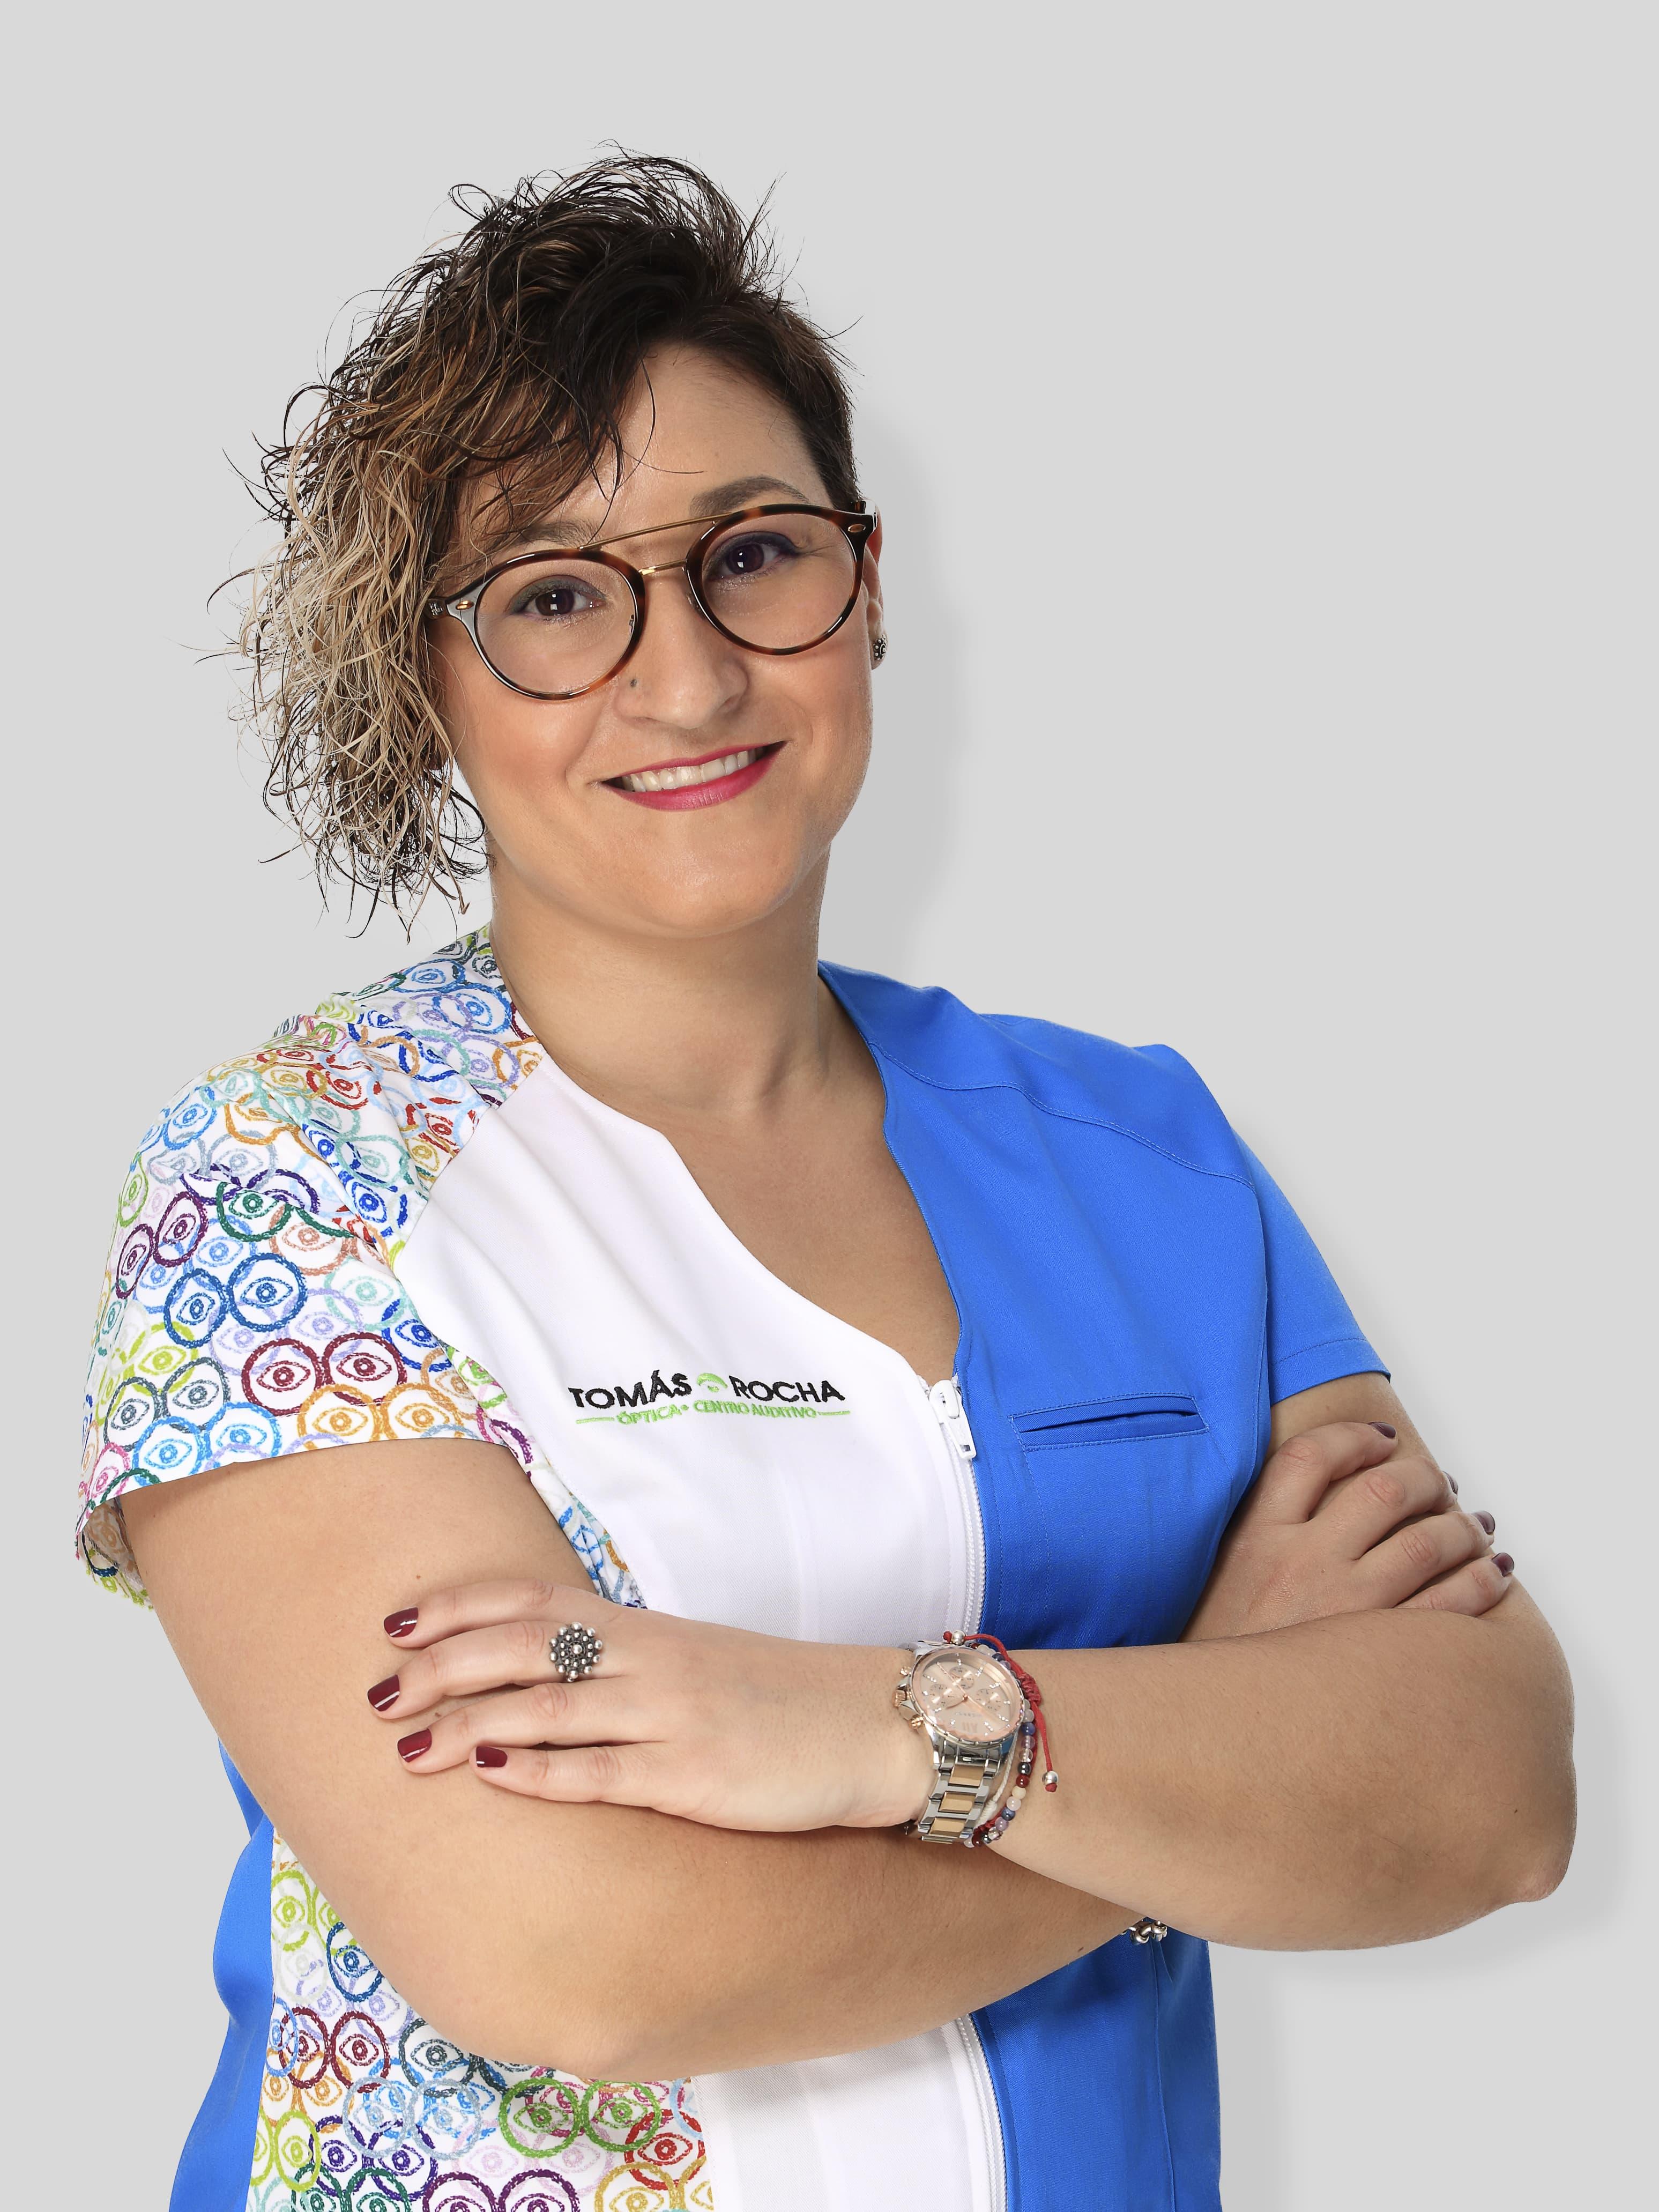 Rita Mª Rogles